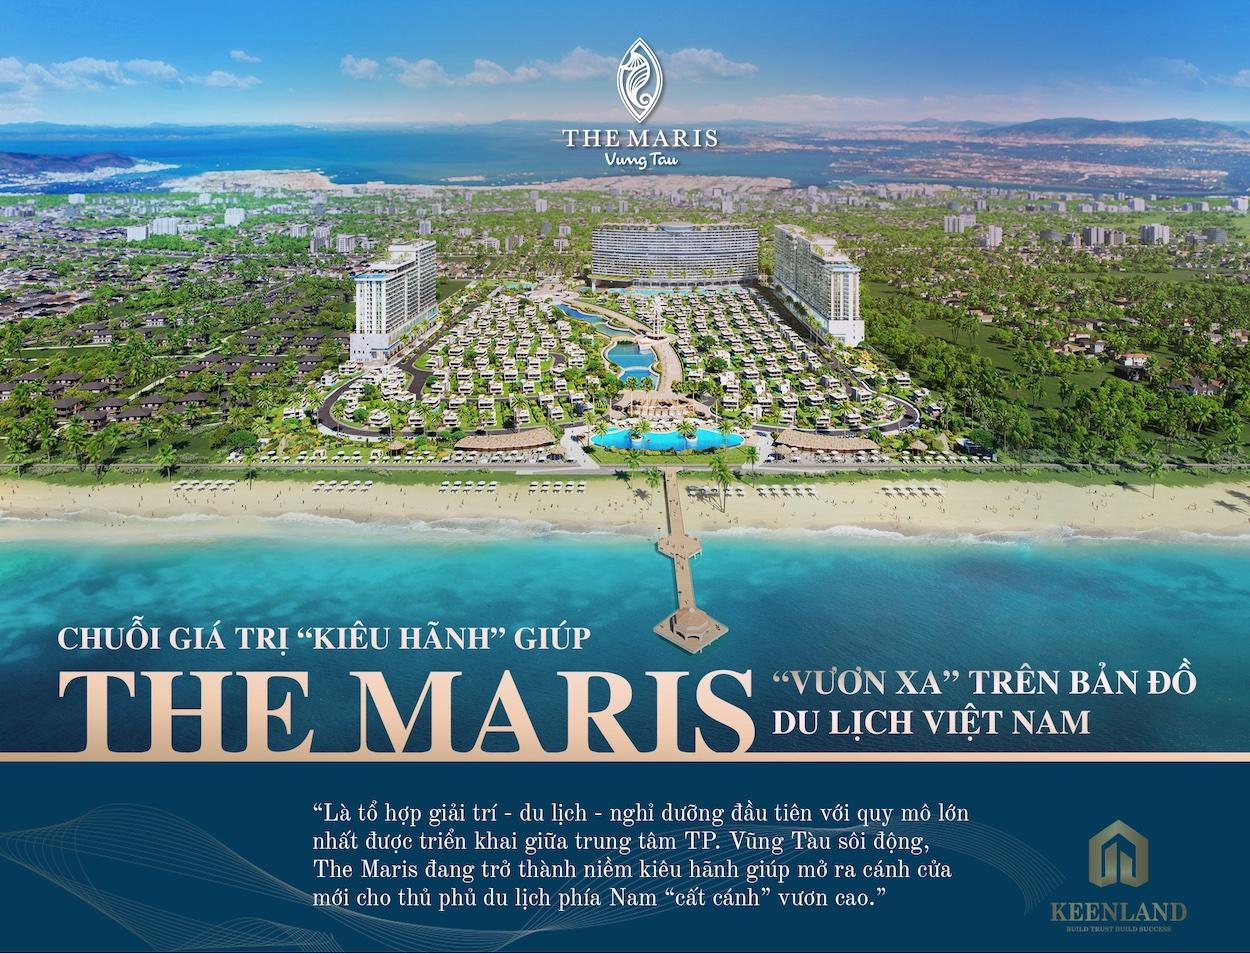 Thông tin dự án căn hộ condotel & biệt thự The Maris Vũng Tàu update từ Chủ đầu tư